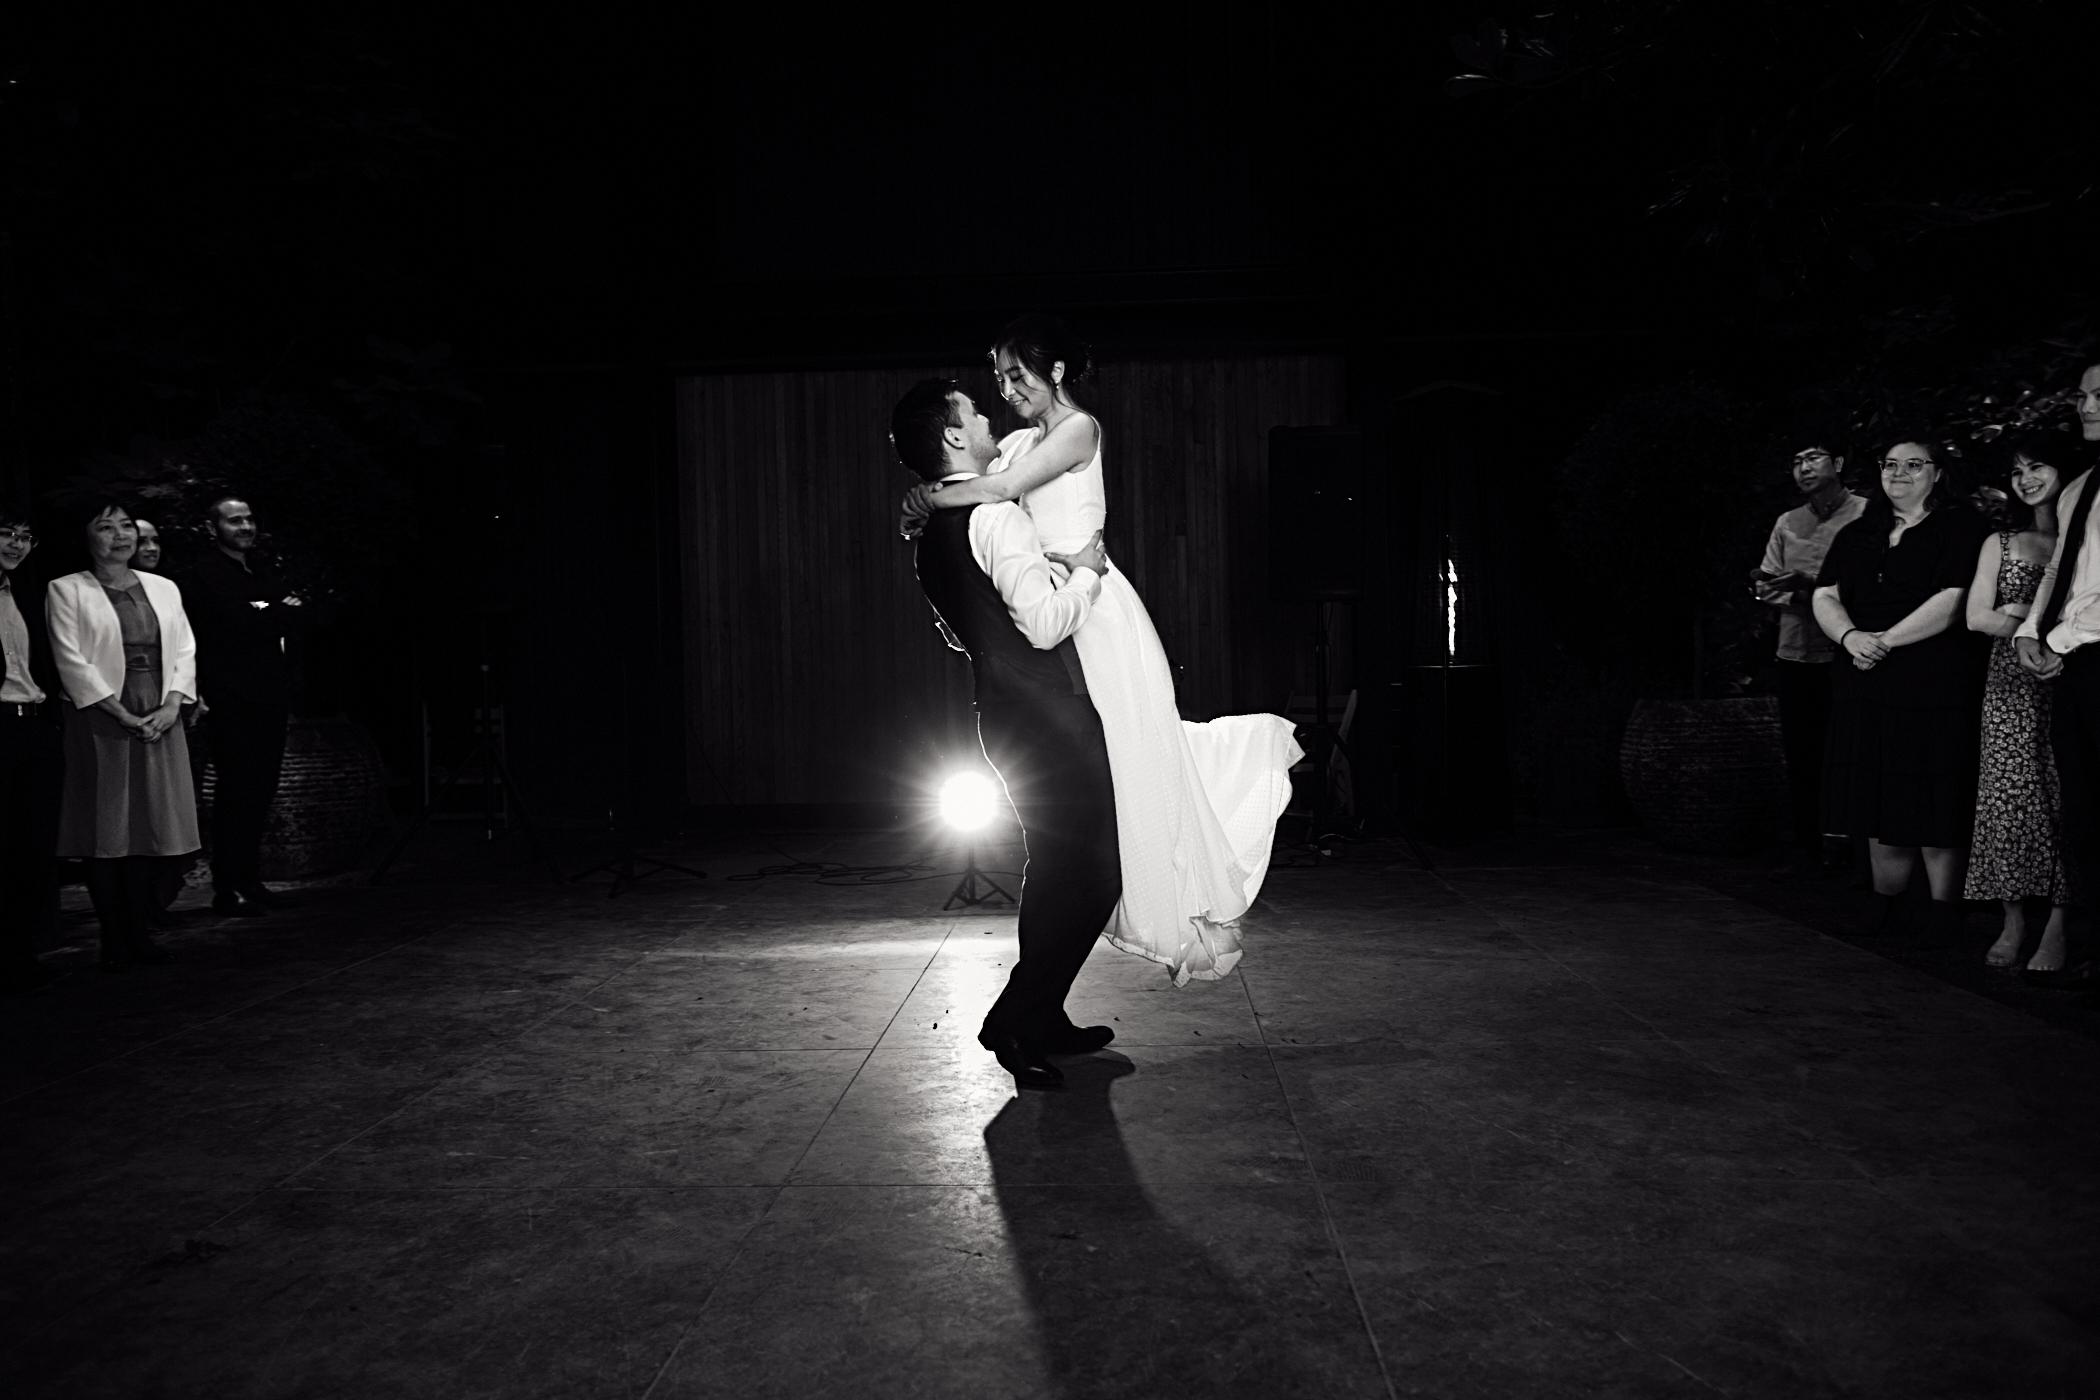 wedding photography 89396